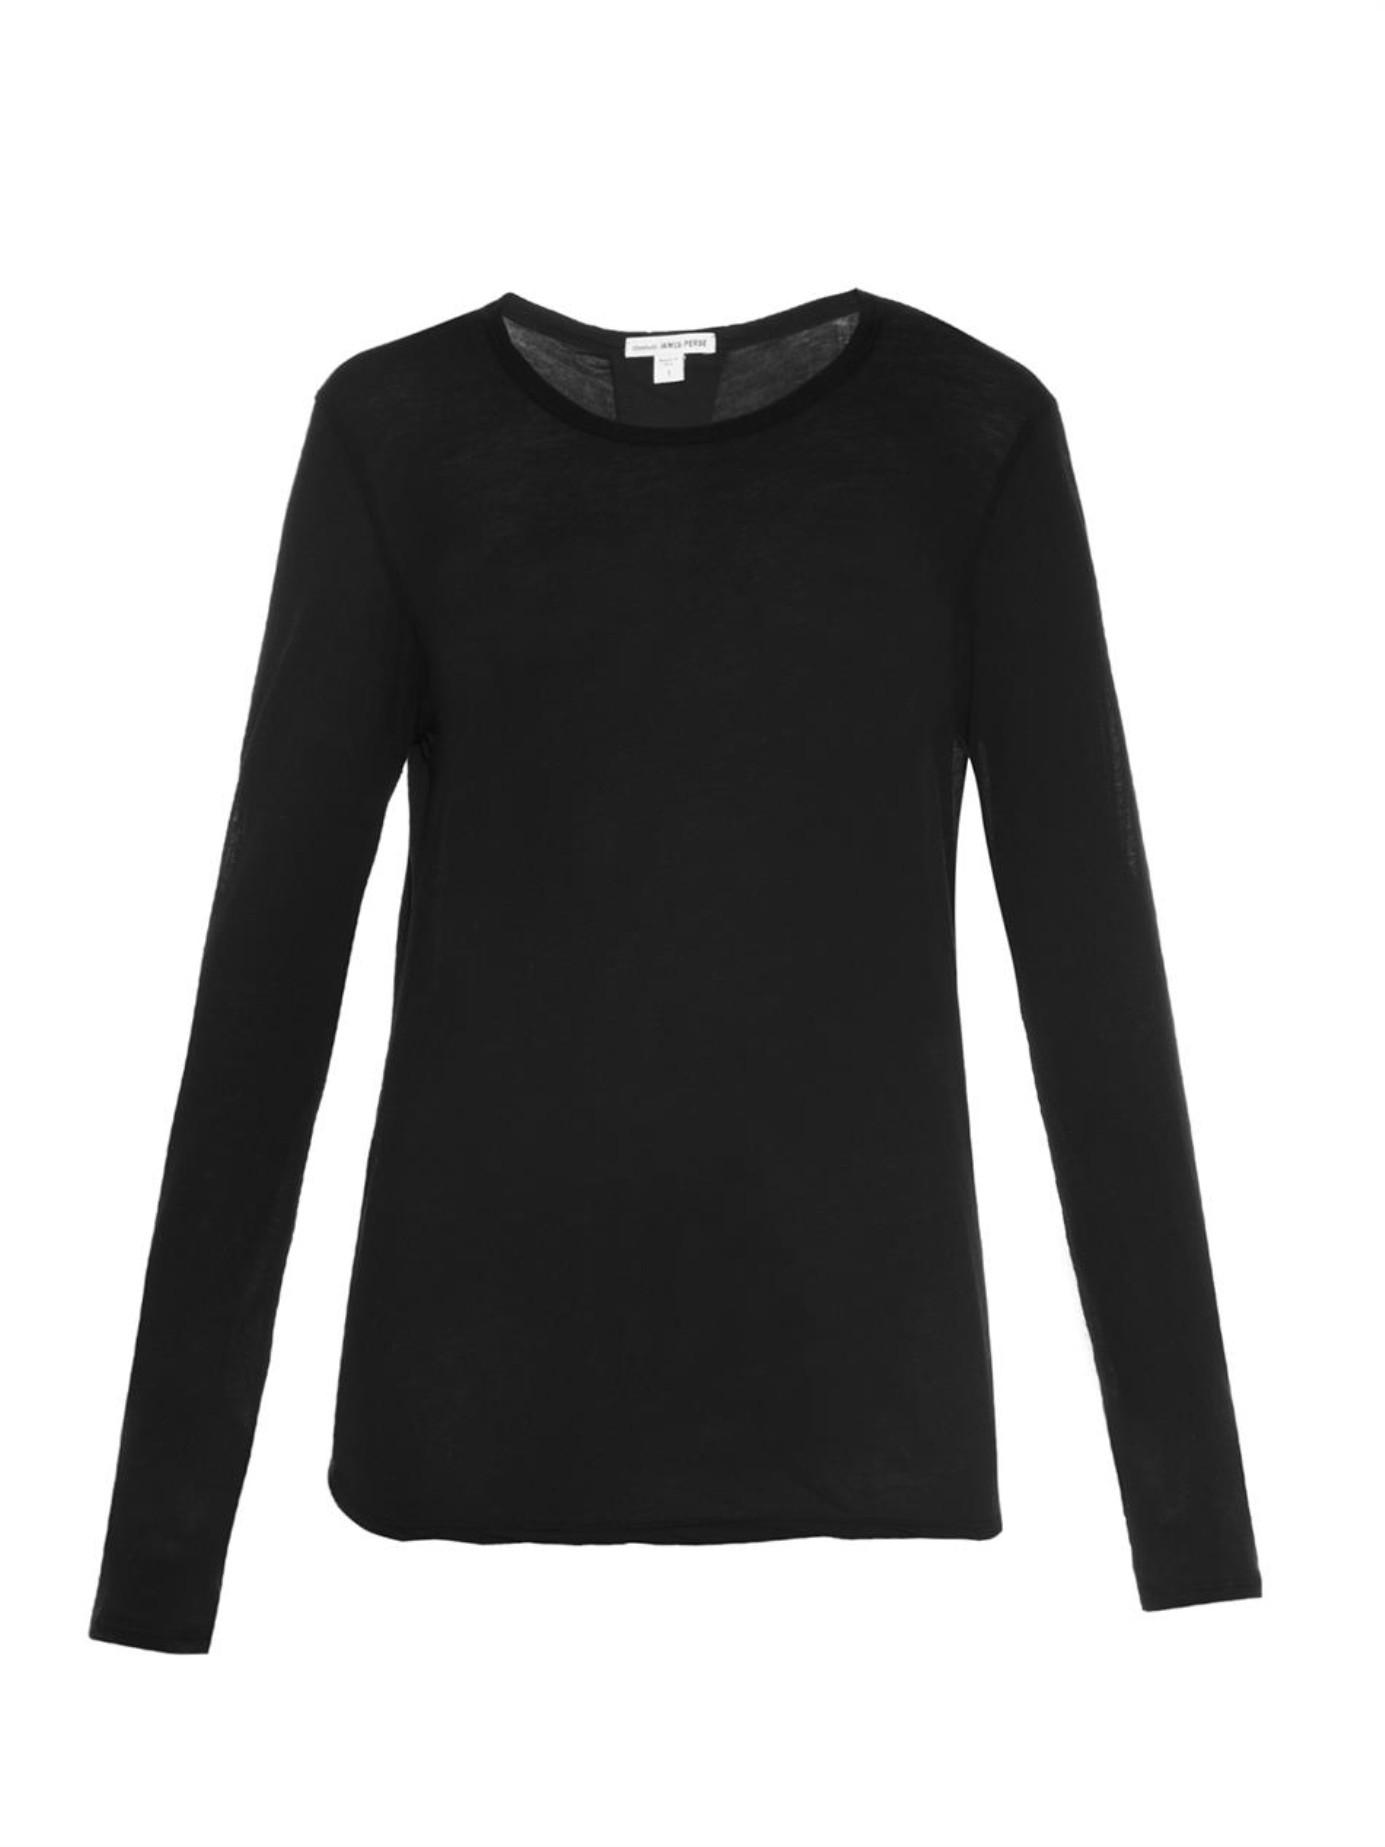 Jay z black t shirt white cross - Black T Shirt White Cross On Back Gallery Download